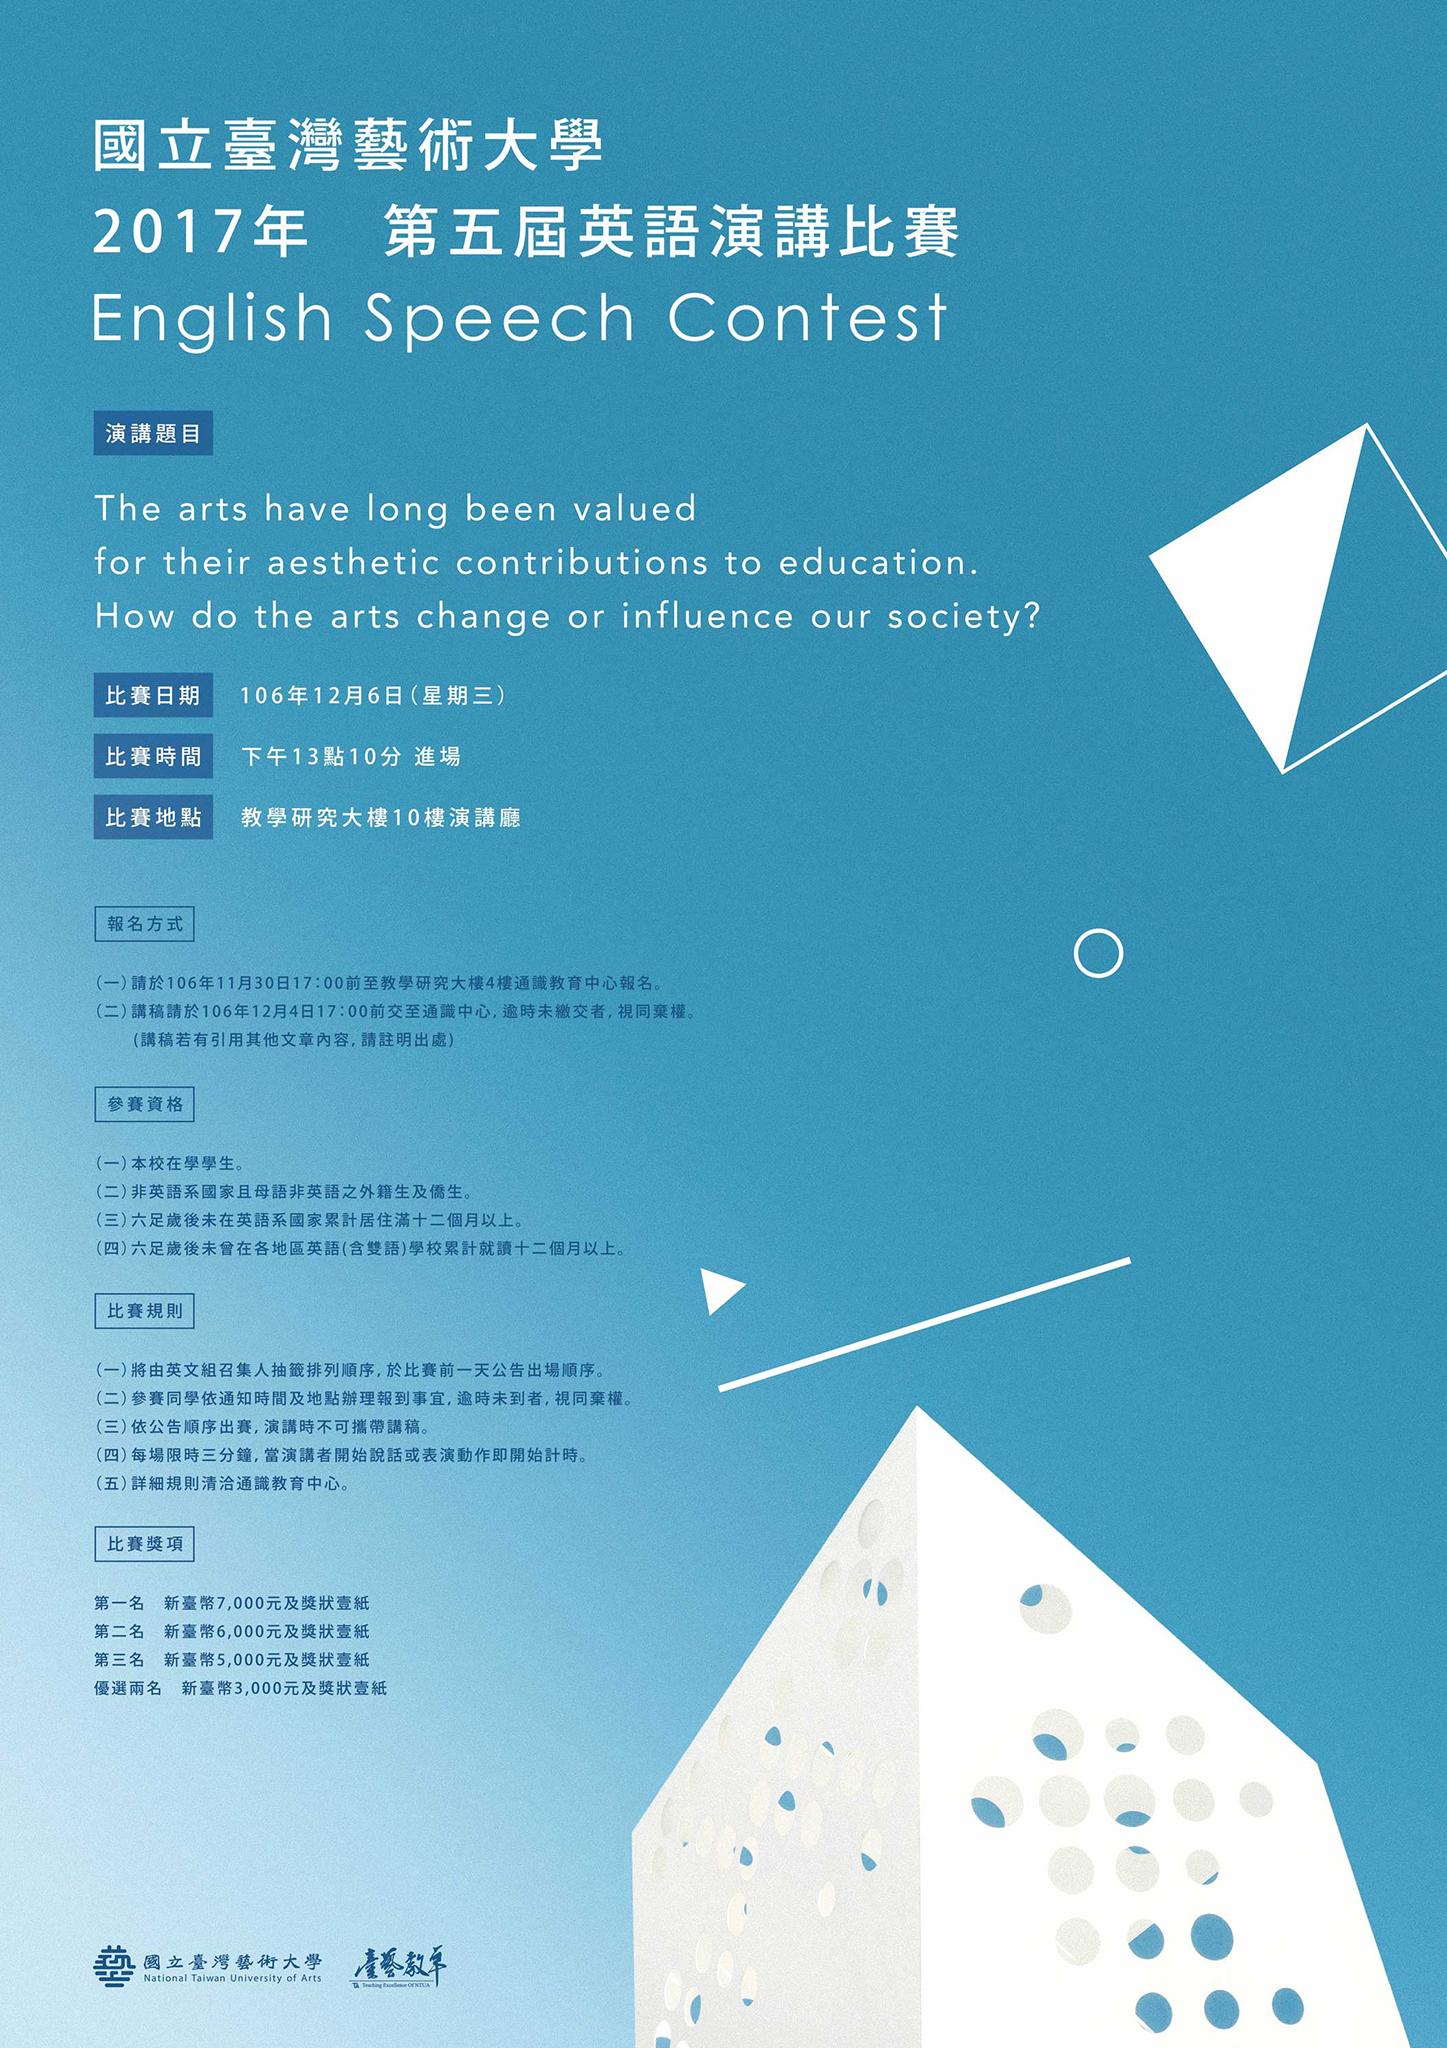 國立臺灣藝術大學2017年第五屆英語演講比賽